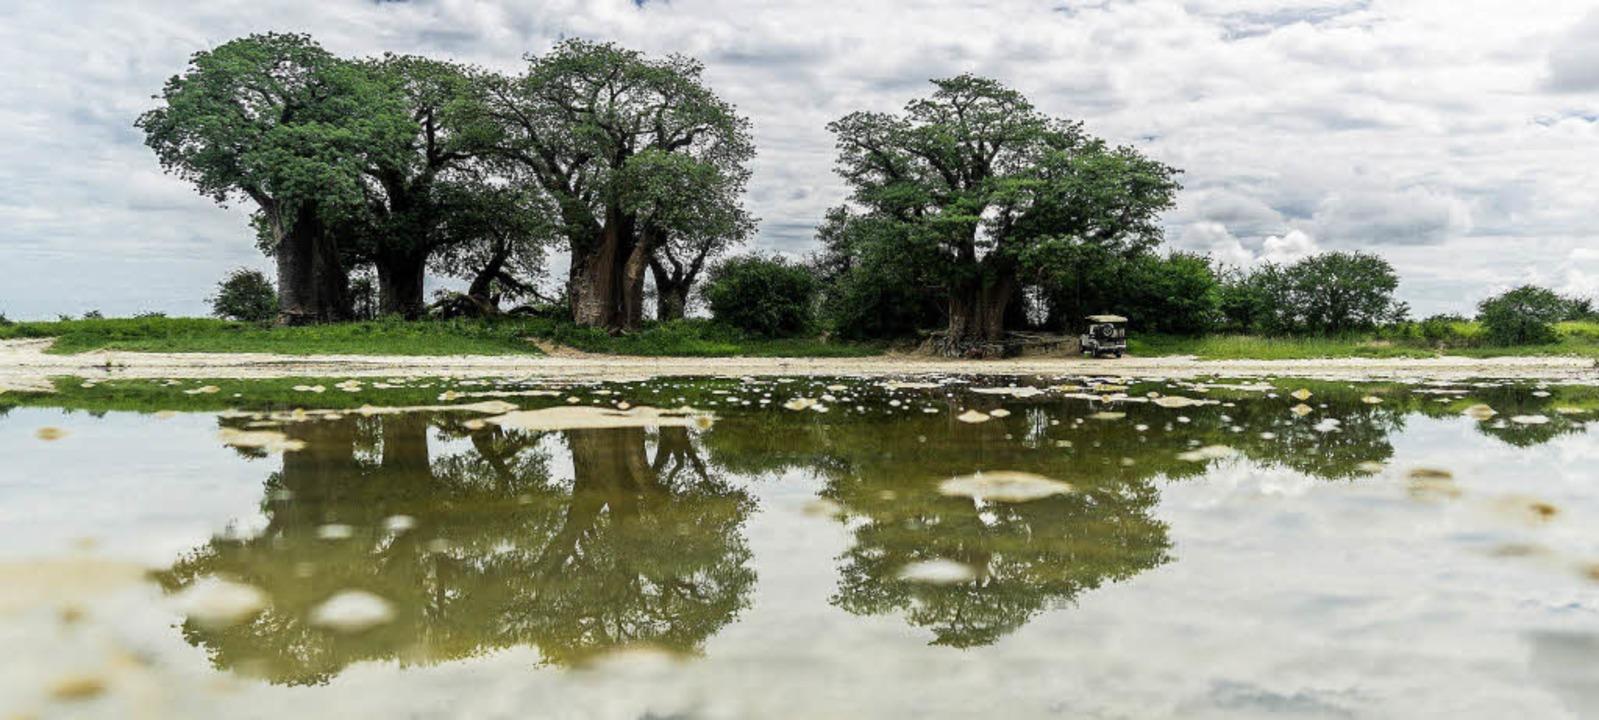 Regenzeit in Botsuana: Mächtige Affenb...lahari-Löwe und Oryx-Antilope (rechts)    Foto: dpa-tmn